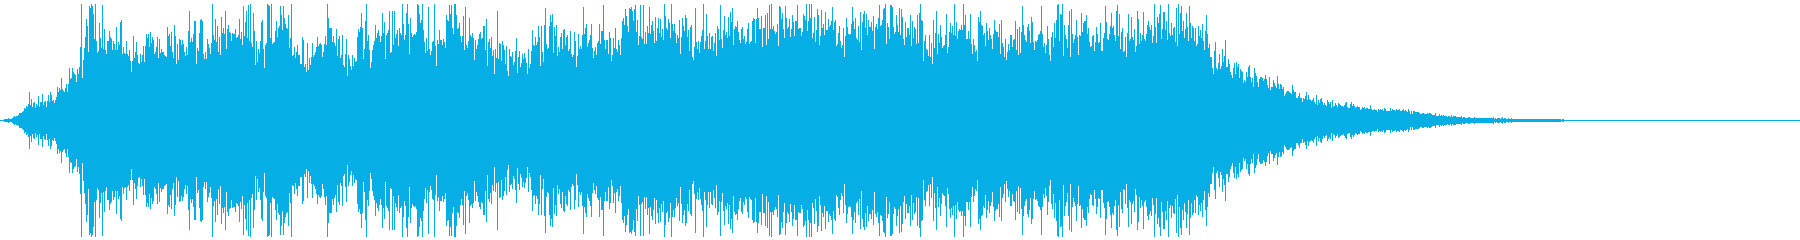 勇ましいオーケストラジングルの再生済みの波形